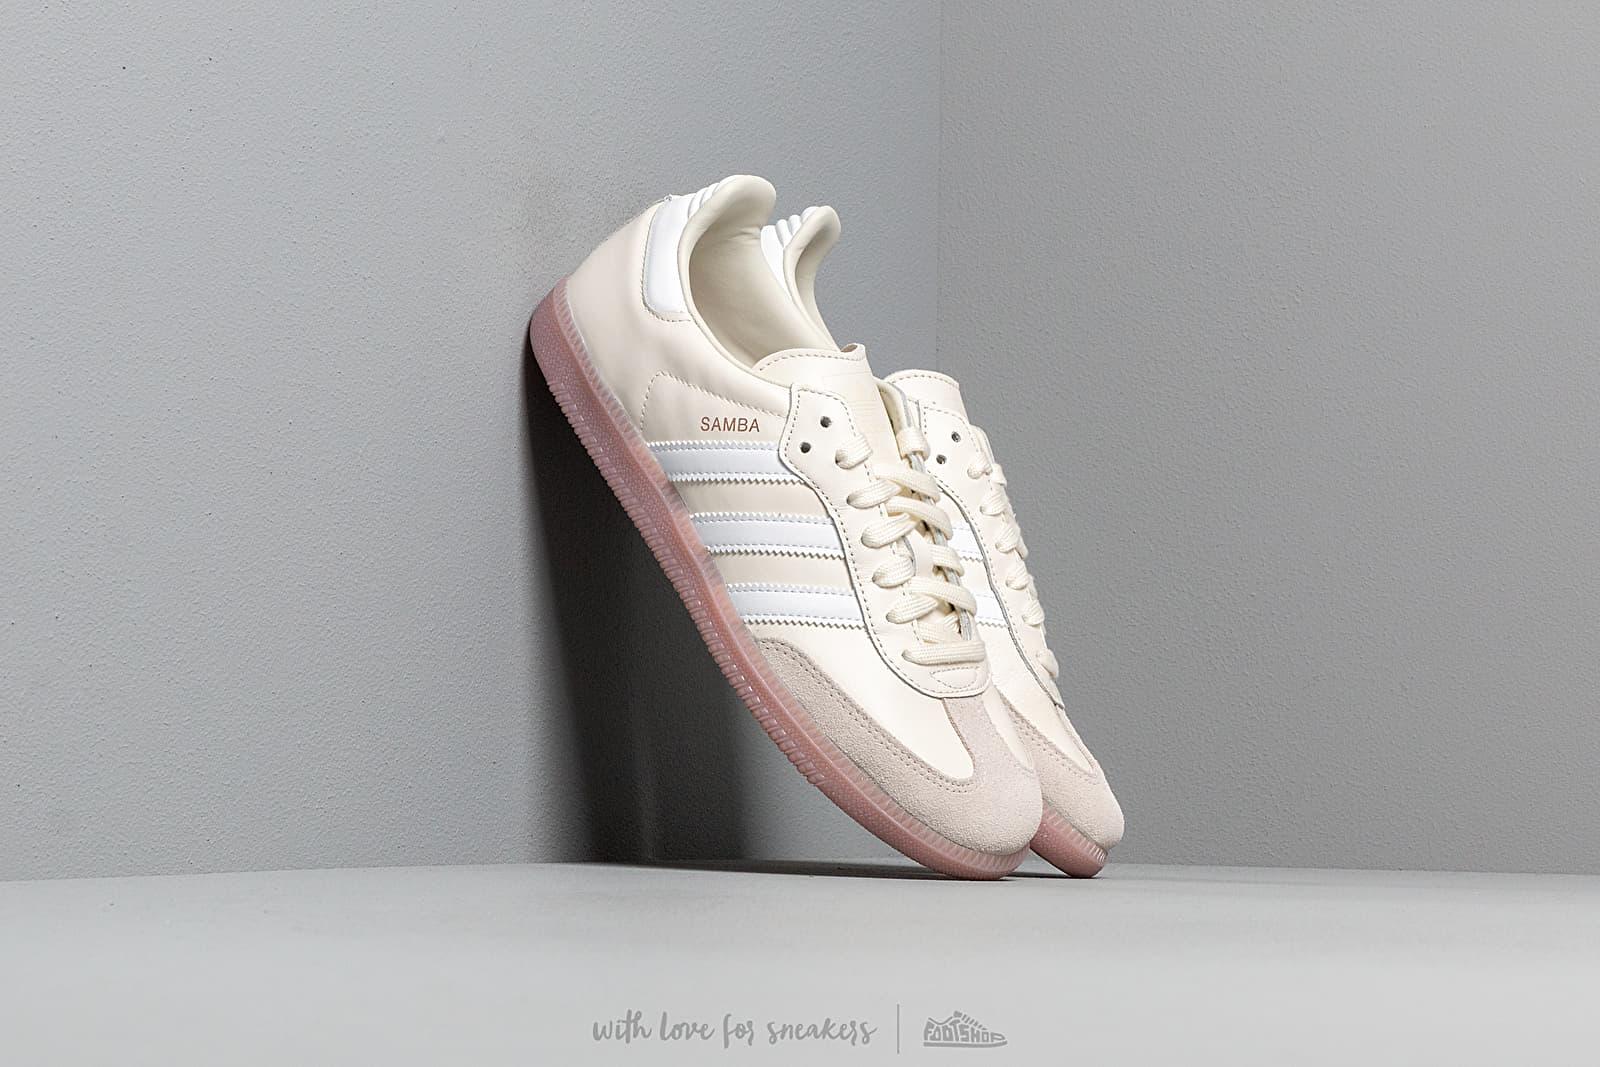 adidas Samba OG W Off White/ Ftw White/ Soft Vision za skvělou cenu 2 340 Kč koupíte na Footshop.cz